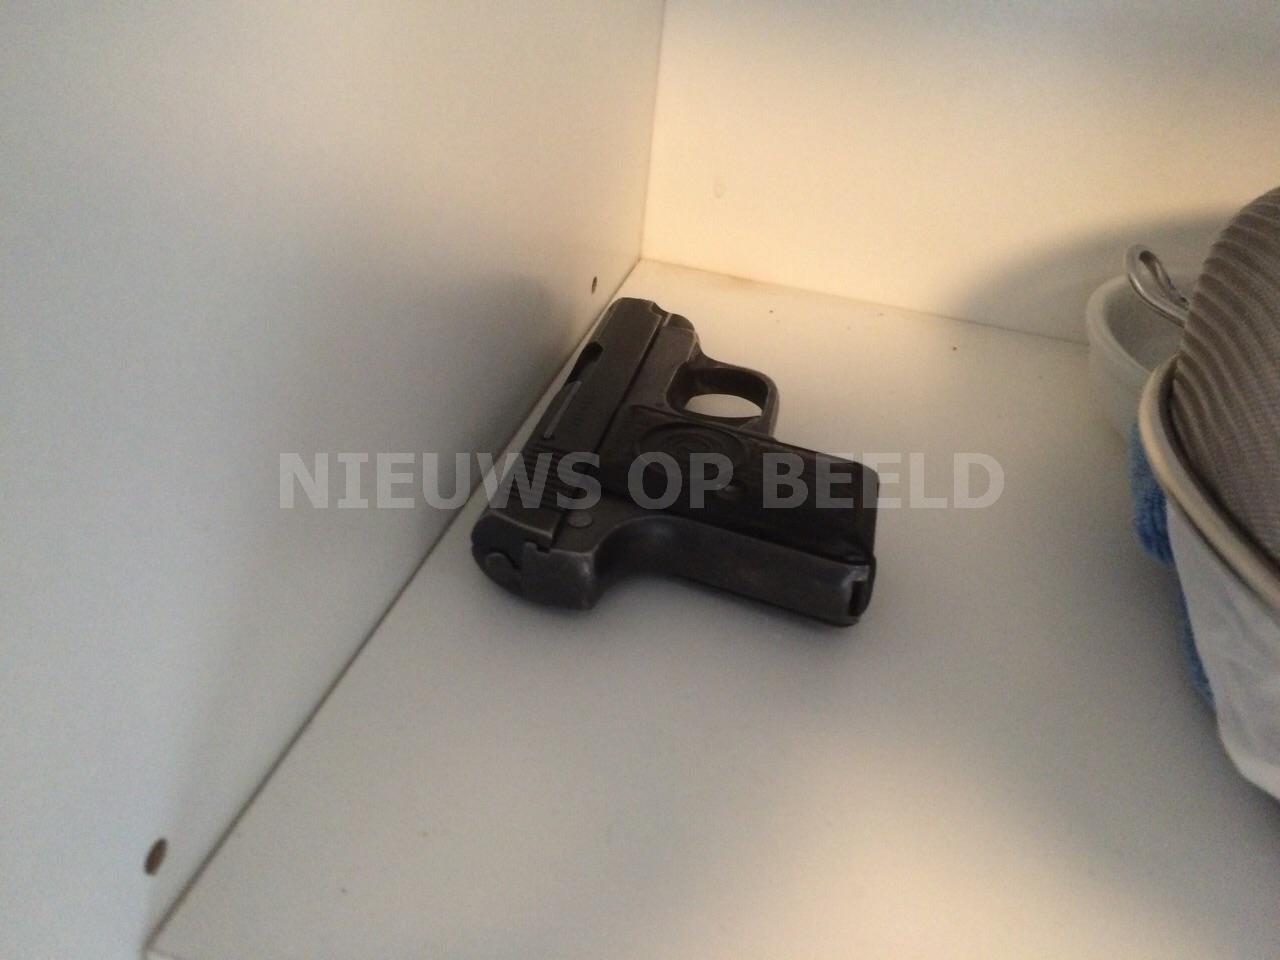 Man bedreigt vriendin met vuurwapen Tilburg